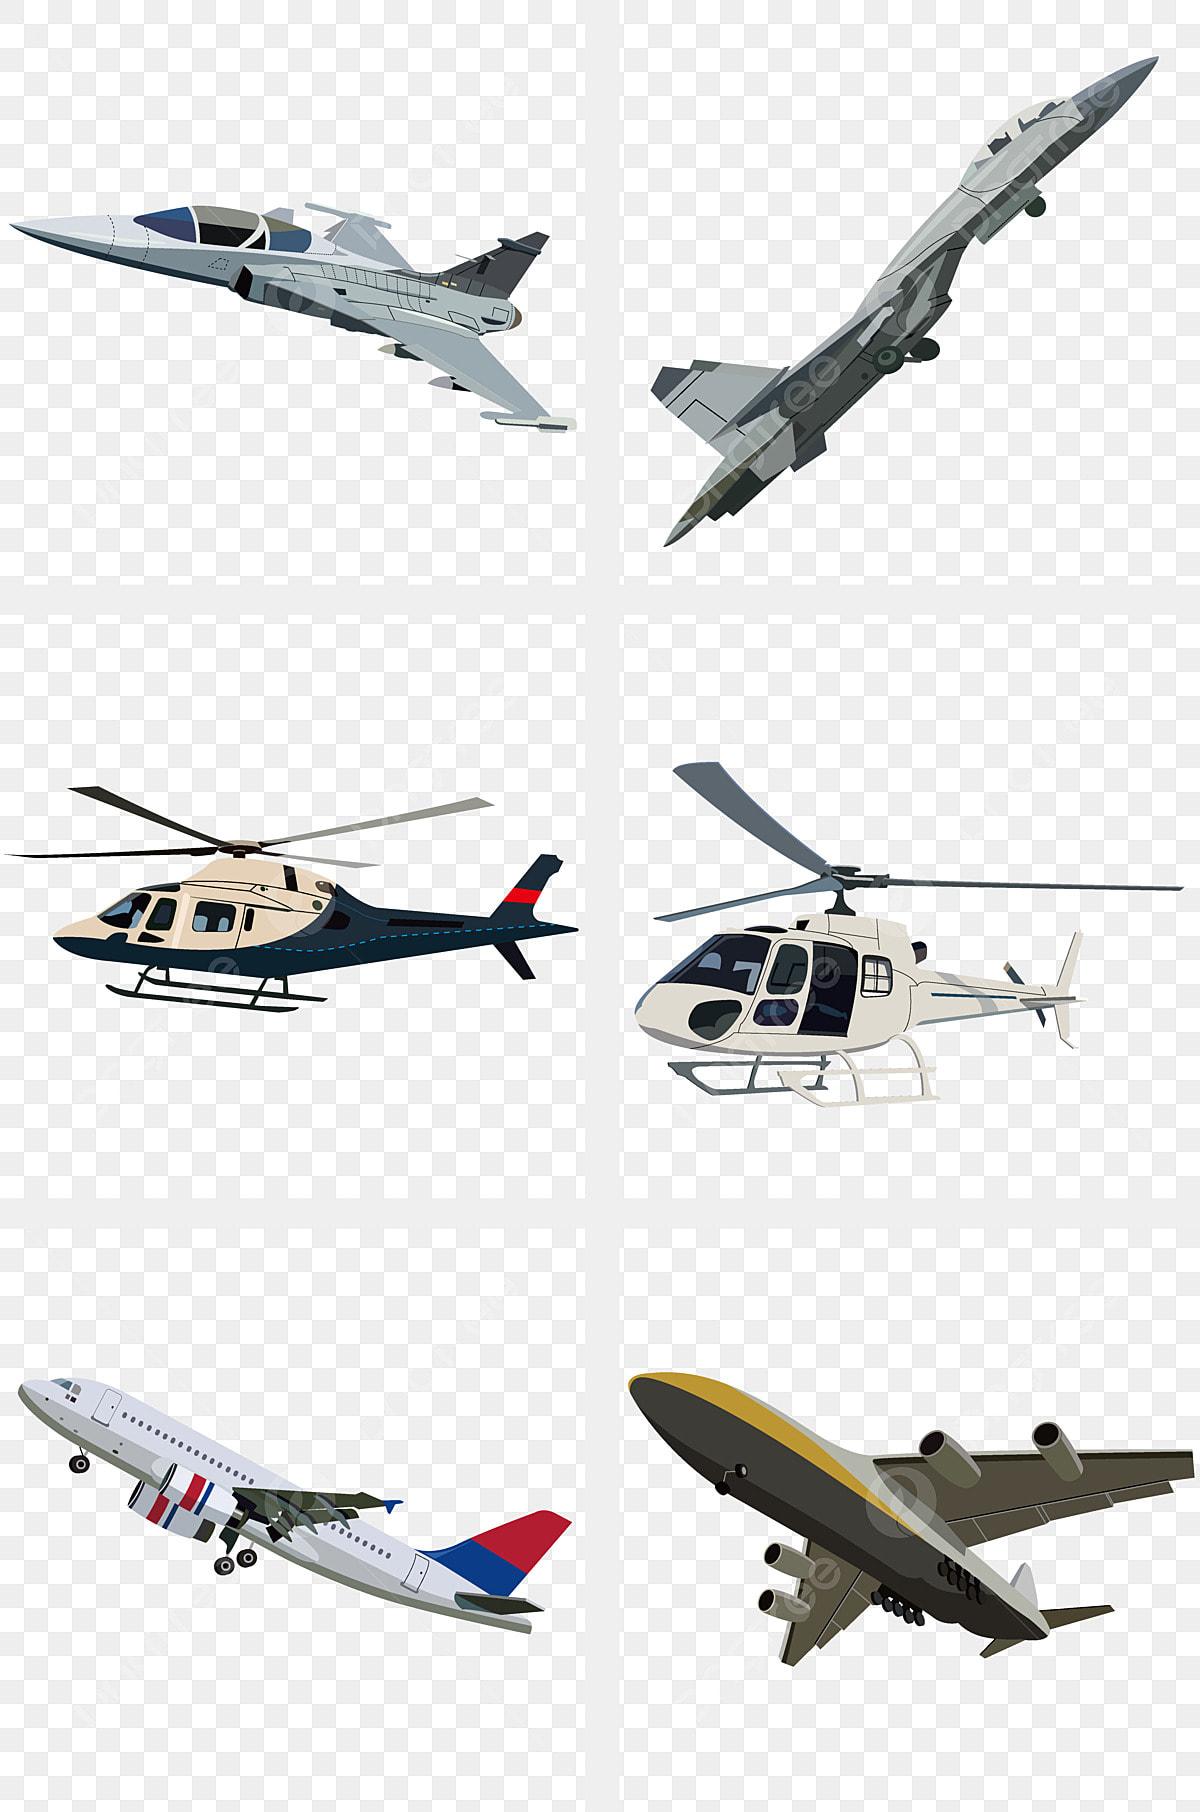 手描き 航空機 戦闘機 ヘリコプター Png透明フォーマット ヘリコプター